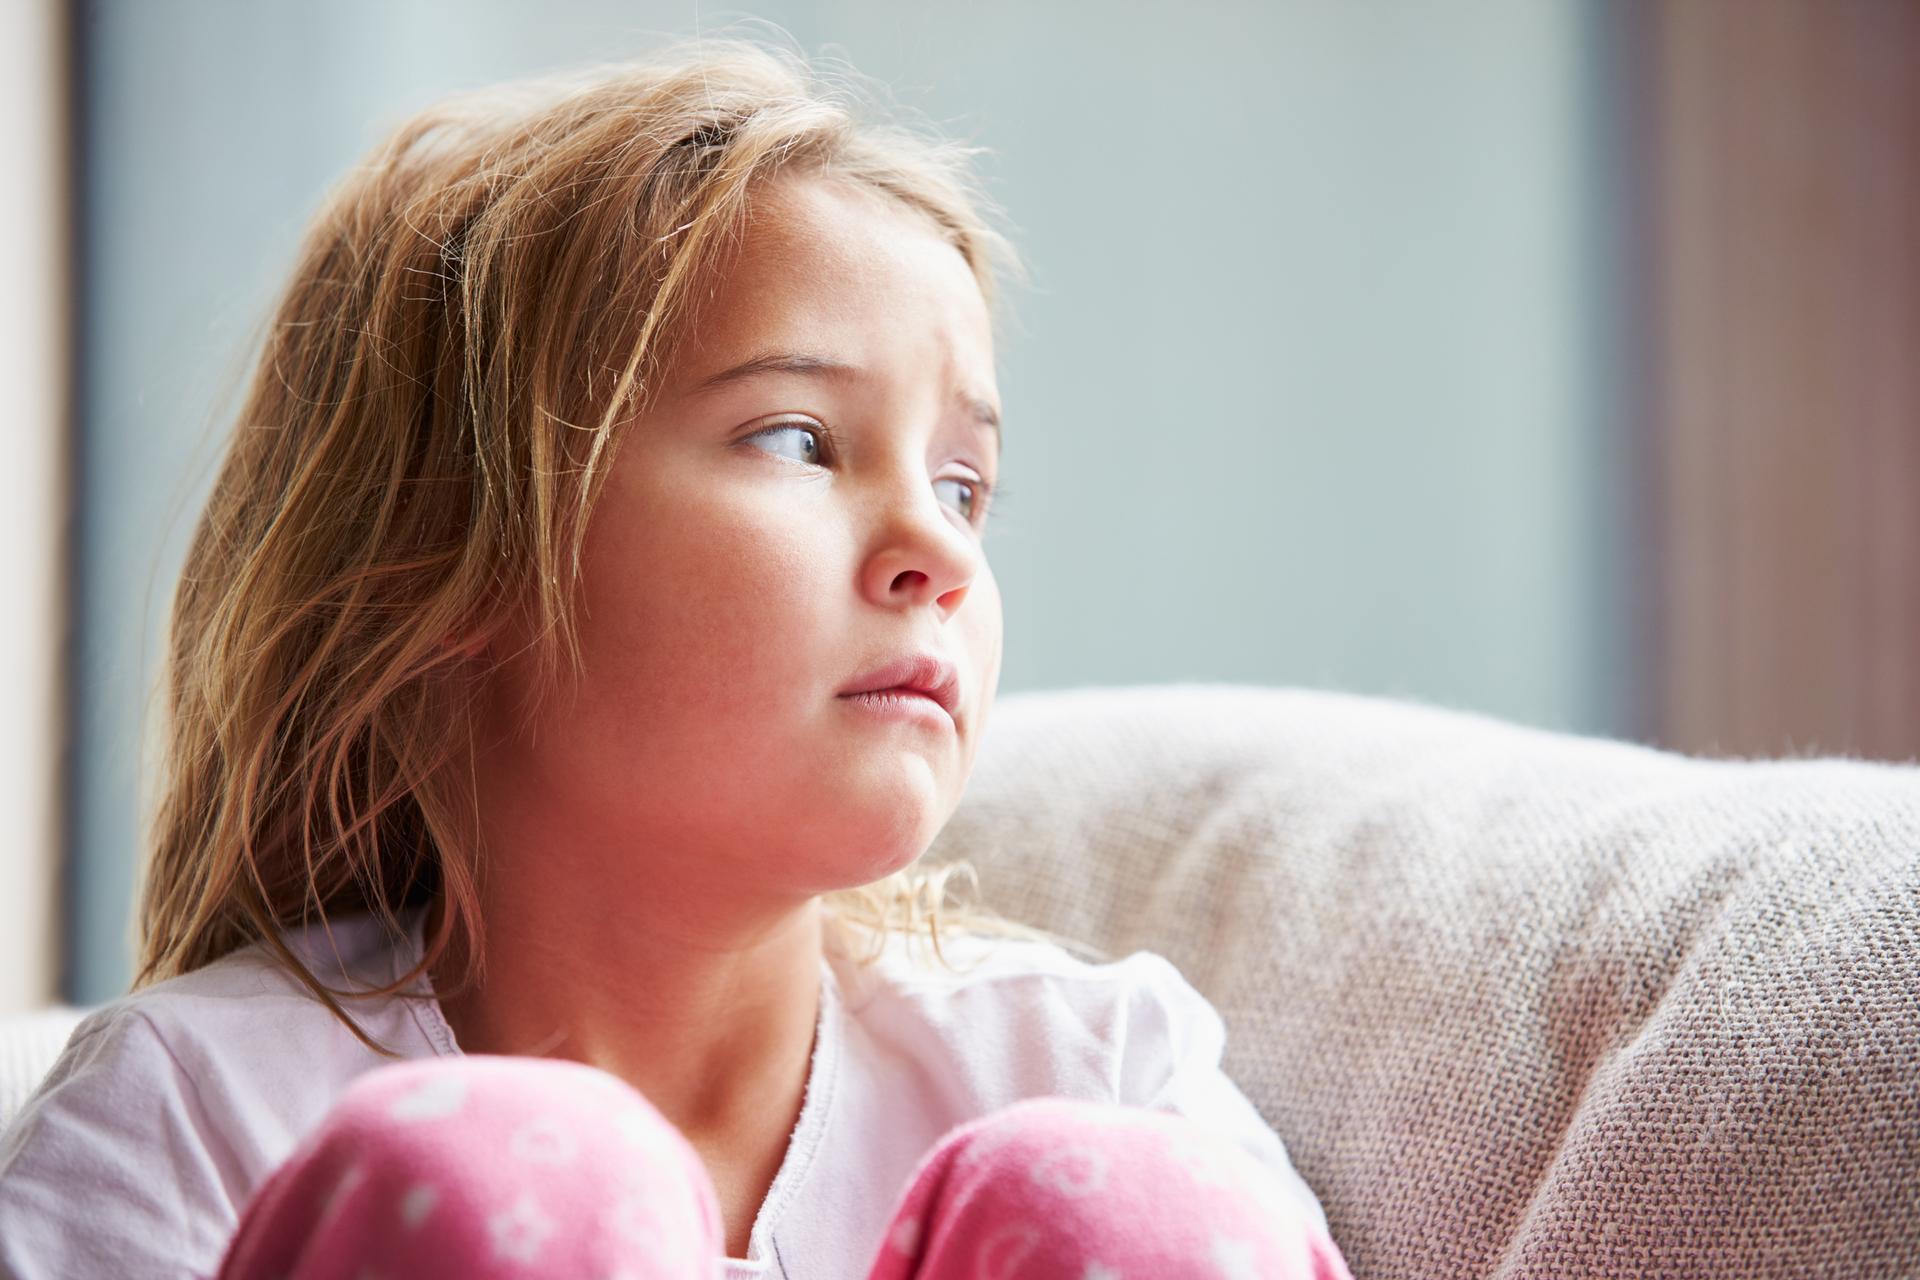 Ensimmäisen ja toisen luokan koulupäivät ovat niin lyhyitä, että ilman iltapäiväkerhopaikkaa jääneet saattavat joutua olemaan yksin kotona useamman tunnin päivässä. Kaikilla ei ole tukiverkkoja tai mahdollisuutta työaikajoustoihin.